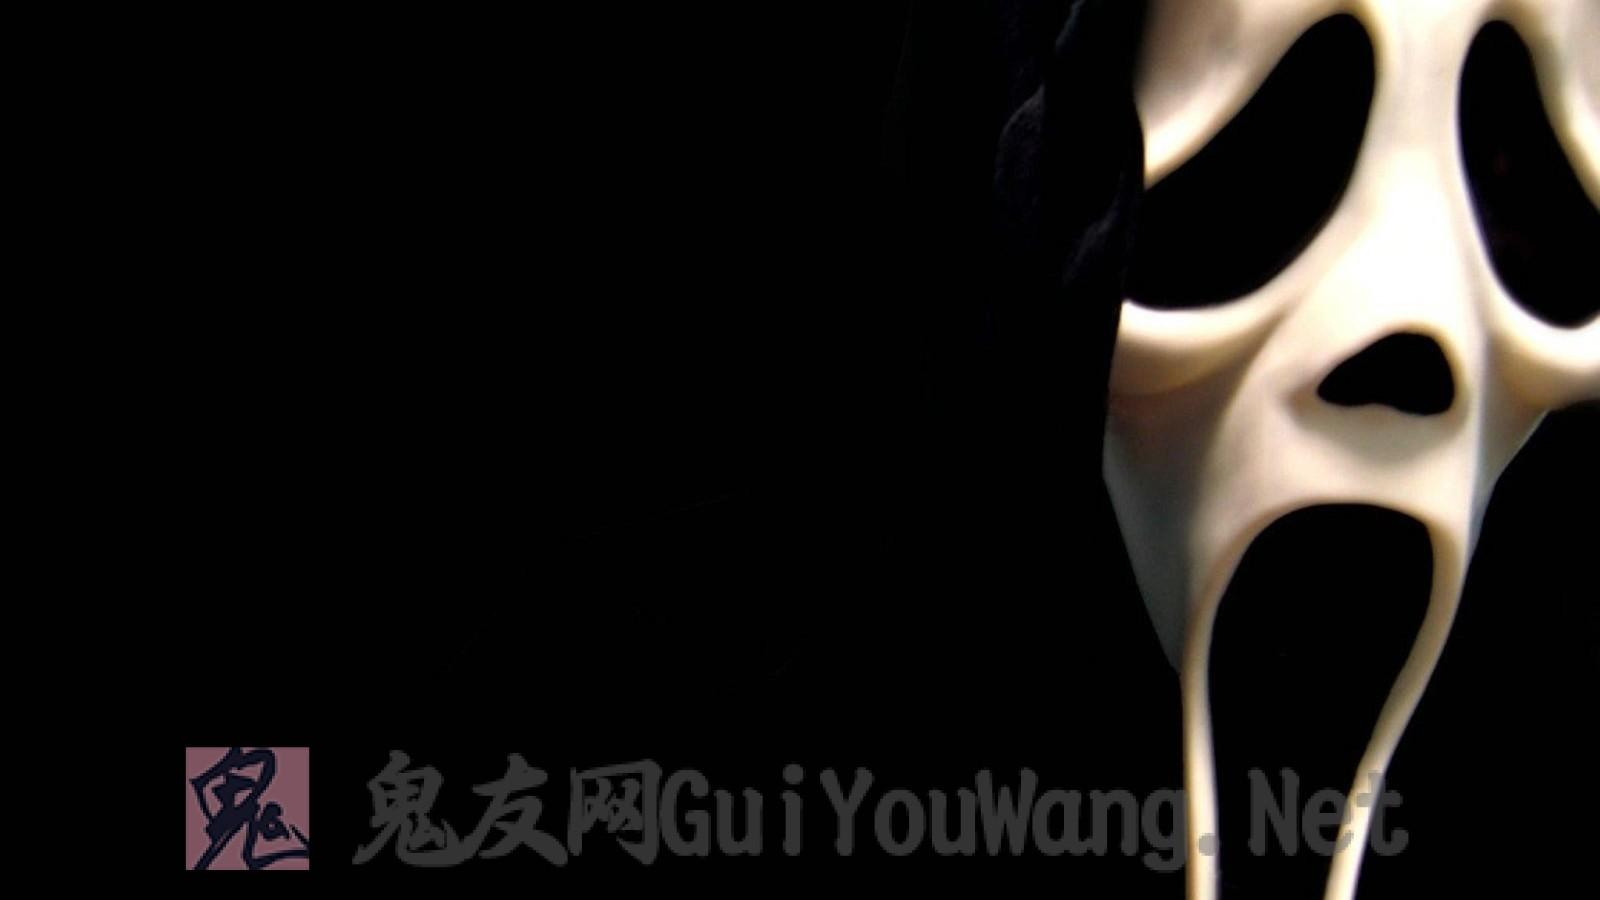 电影中出现的恐怖面罩面具口罩曲棍球面具V字仇杀队